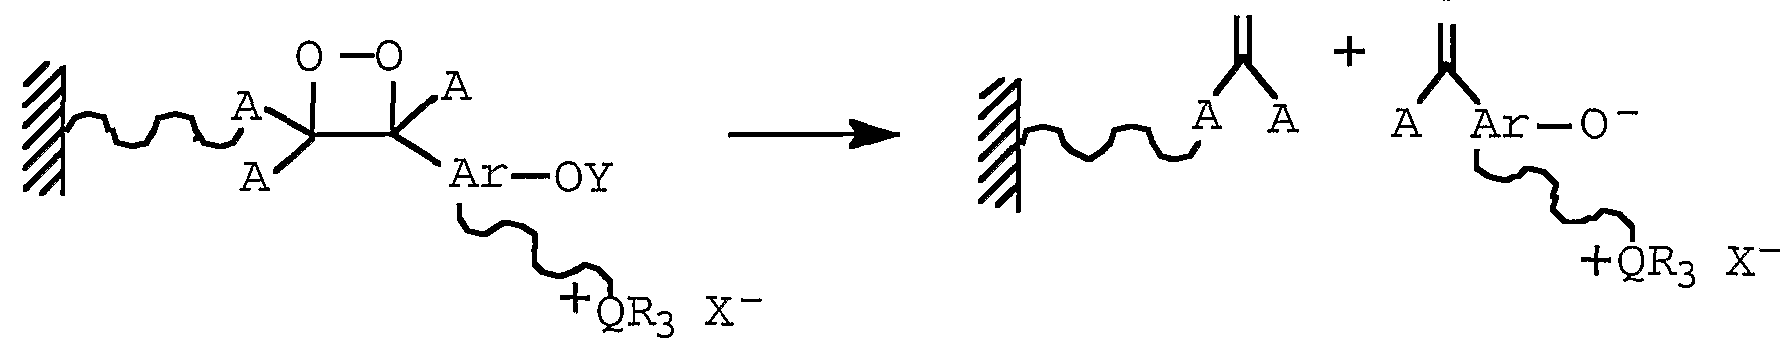 Figure imgf000025_0002